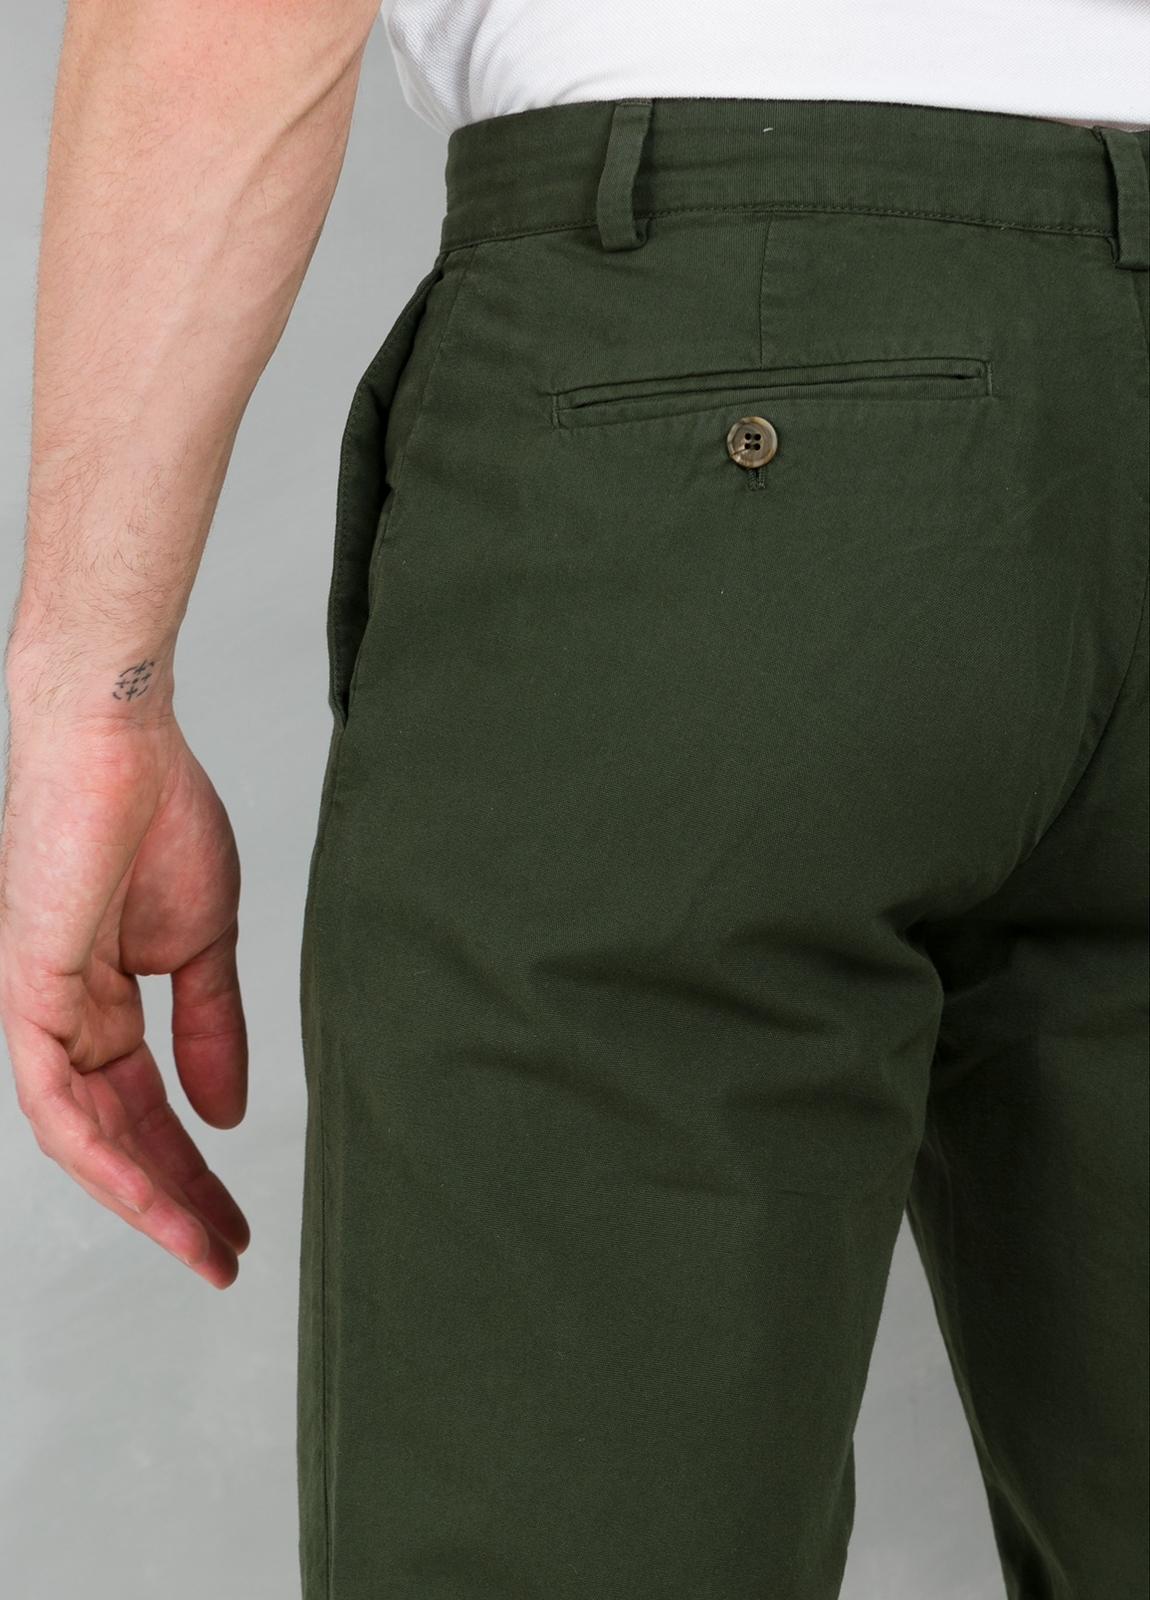 Short Furest Casual Wear color kaki, 100% Algodón. - Ítem2